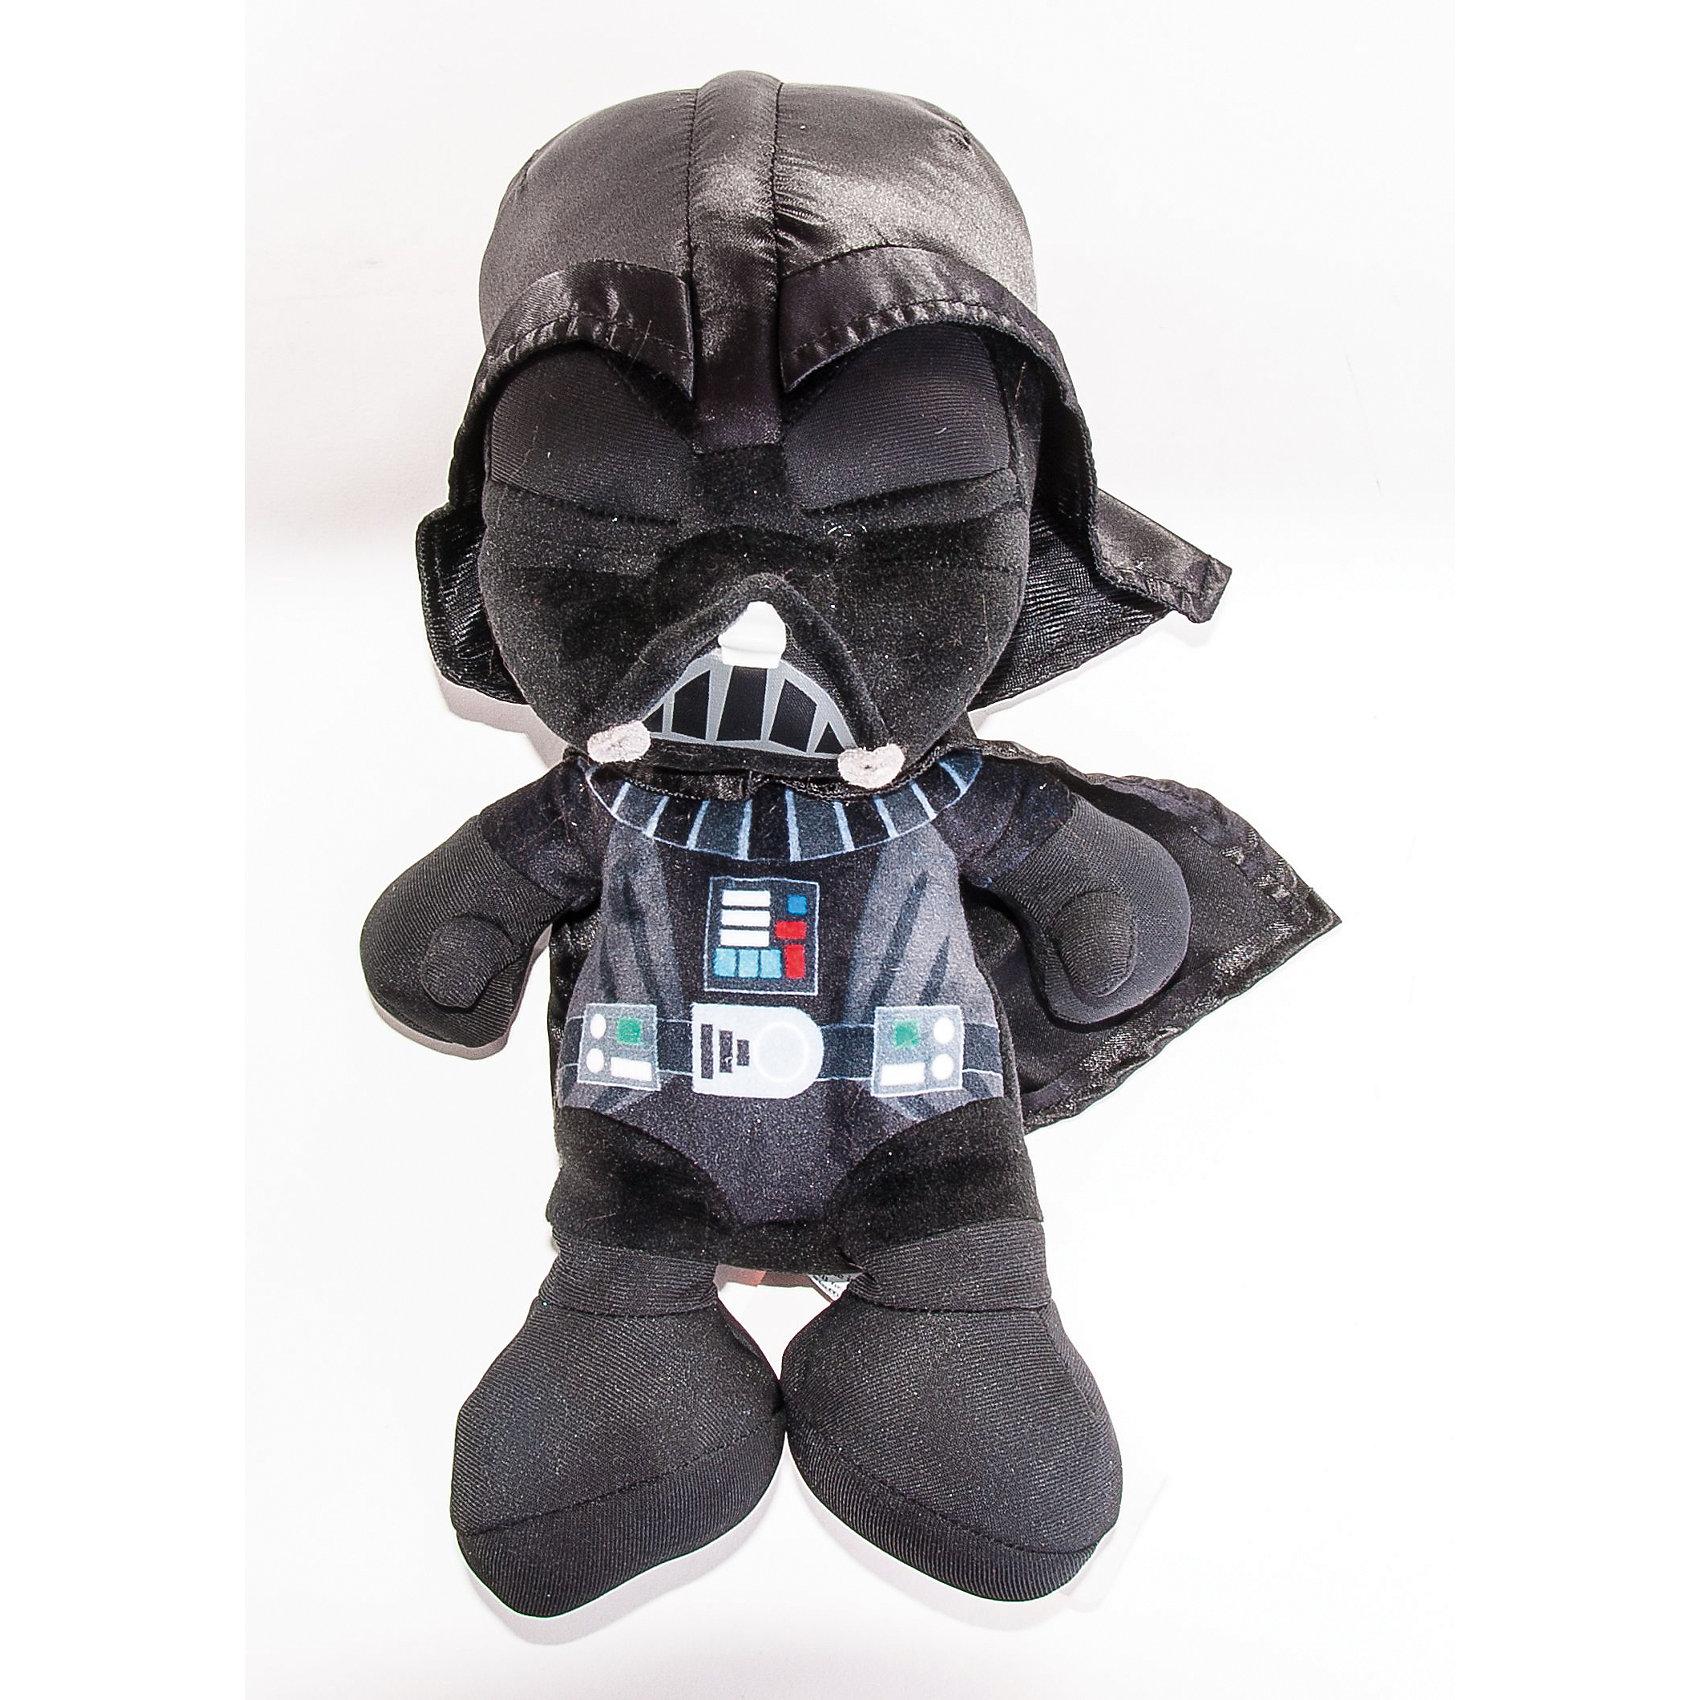 Мягкая игрушка Дарт Вейдер, 25 см, Звездные войныДарт Вейдер, Звездные войны  - оригинальная мягкая игрушка, которая станет приятным сюрпризом для детей любого возраста. Игрушка изображает грозного персонажа Дарта Вейдера из знаменитой киноэпопеи Звездные войны (Star Wars), но выполнена в мультипликационном стиле, что делает ее более забавной и совсем не страшной. Фигурка Дарта Вейдера очень мягкая и приятная на ощупь, с хорошо прошитыми элементами - панелью управления на груди, поясом и  защитной решеткой на шлеме. Изготовлена из качественных экологичных материалов и совершенно безопасна для детского здоровья. <br><br>Дополнительная информация:<br><br>- Материал: плюш, синтепон.<br>- Высота игрушки: 25 см.<br>- Размер упаковки: 15 х 28 х 15 см.<br>- Вес: 0,205 кг.<br><br>Мягкую игрушку Дарт Вейдер, Звездные войны, можно купить в нашем интернет-магазине.<br><br>Ширина мм: 120<br>Глубина мм: 220<br>Высота мм: 120<br>Вес г: 205<br>Возраст от месяцев: 36<br>Возраст до месяцев: 1188<br>Пол: Мужской<br>Возраст: Детский<br>SKU: 4302513